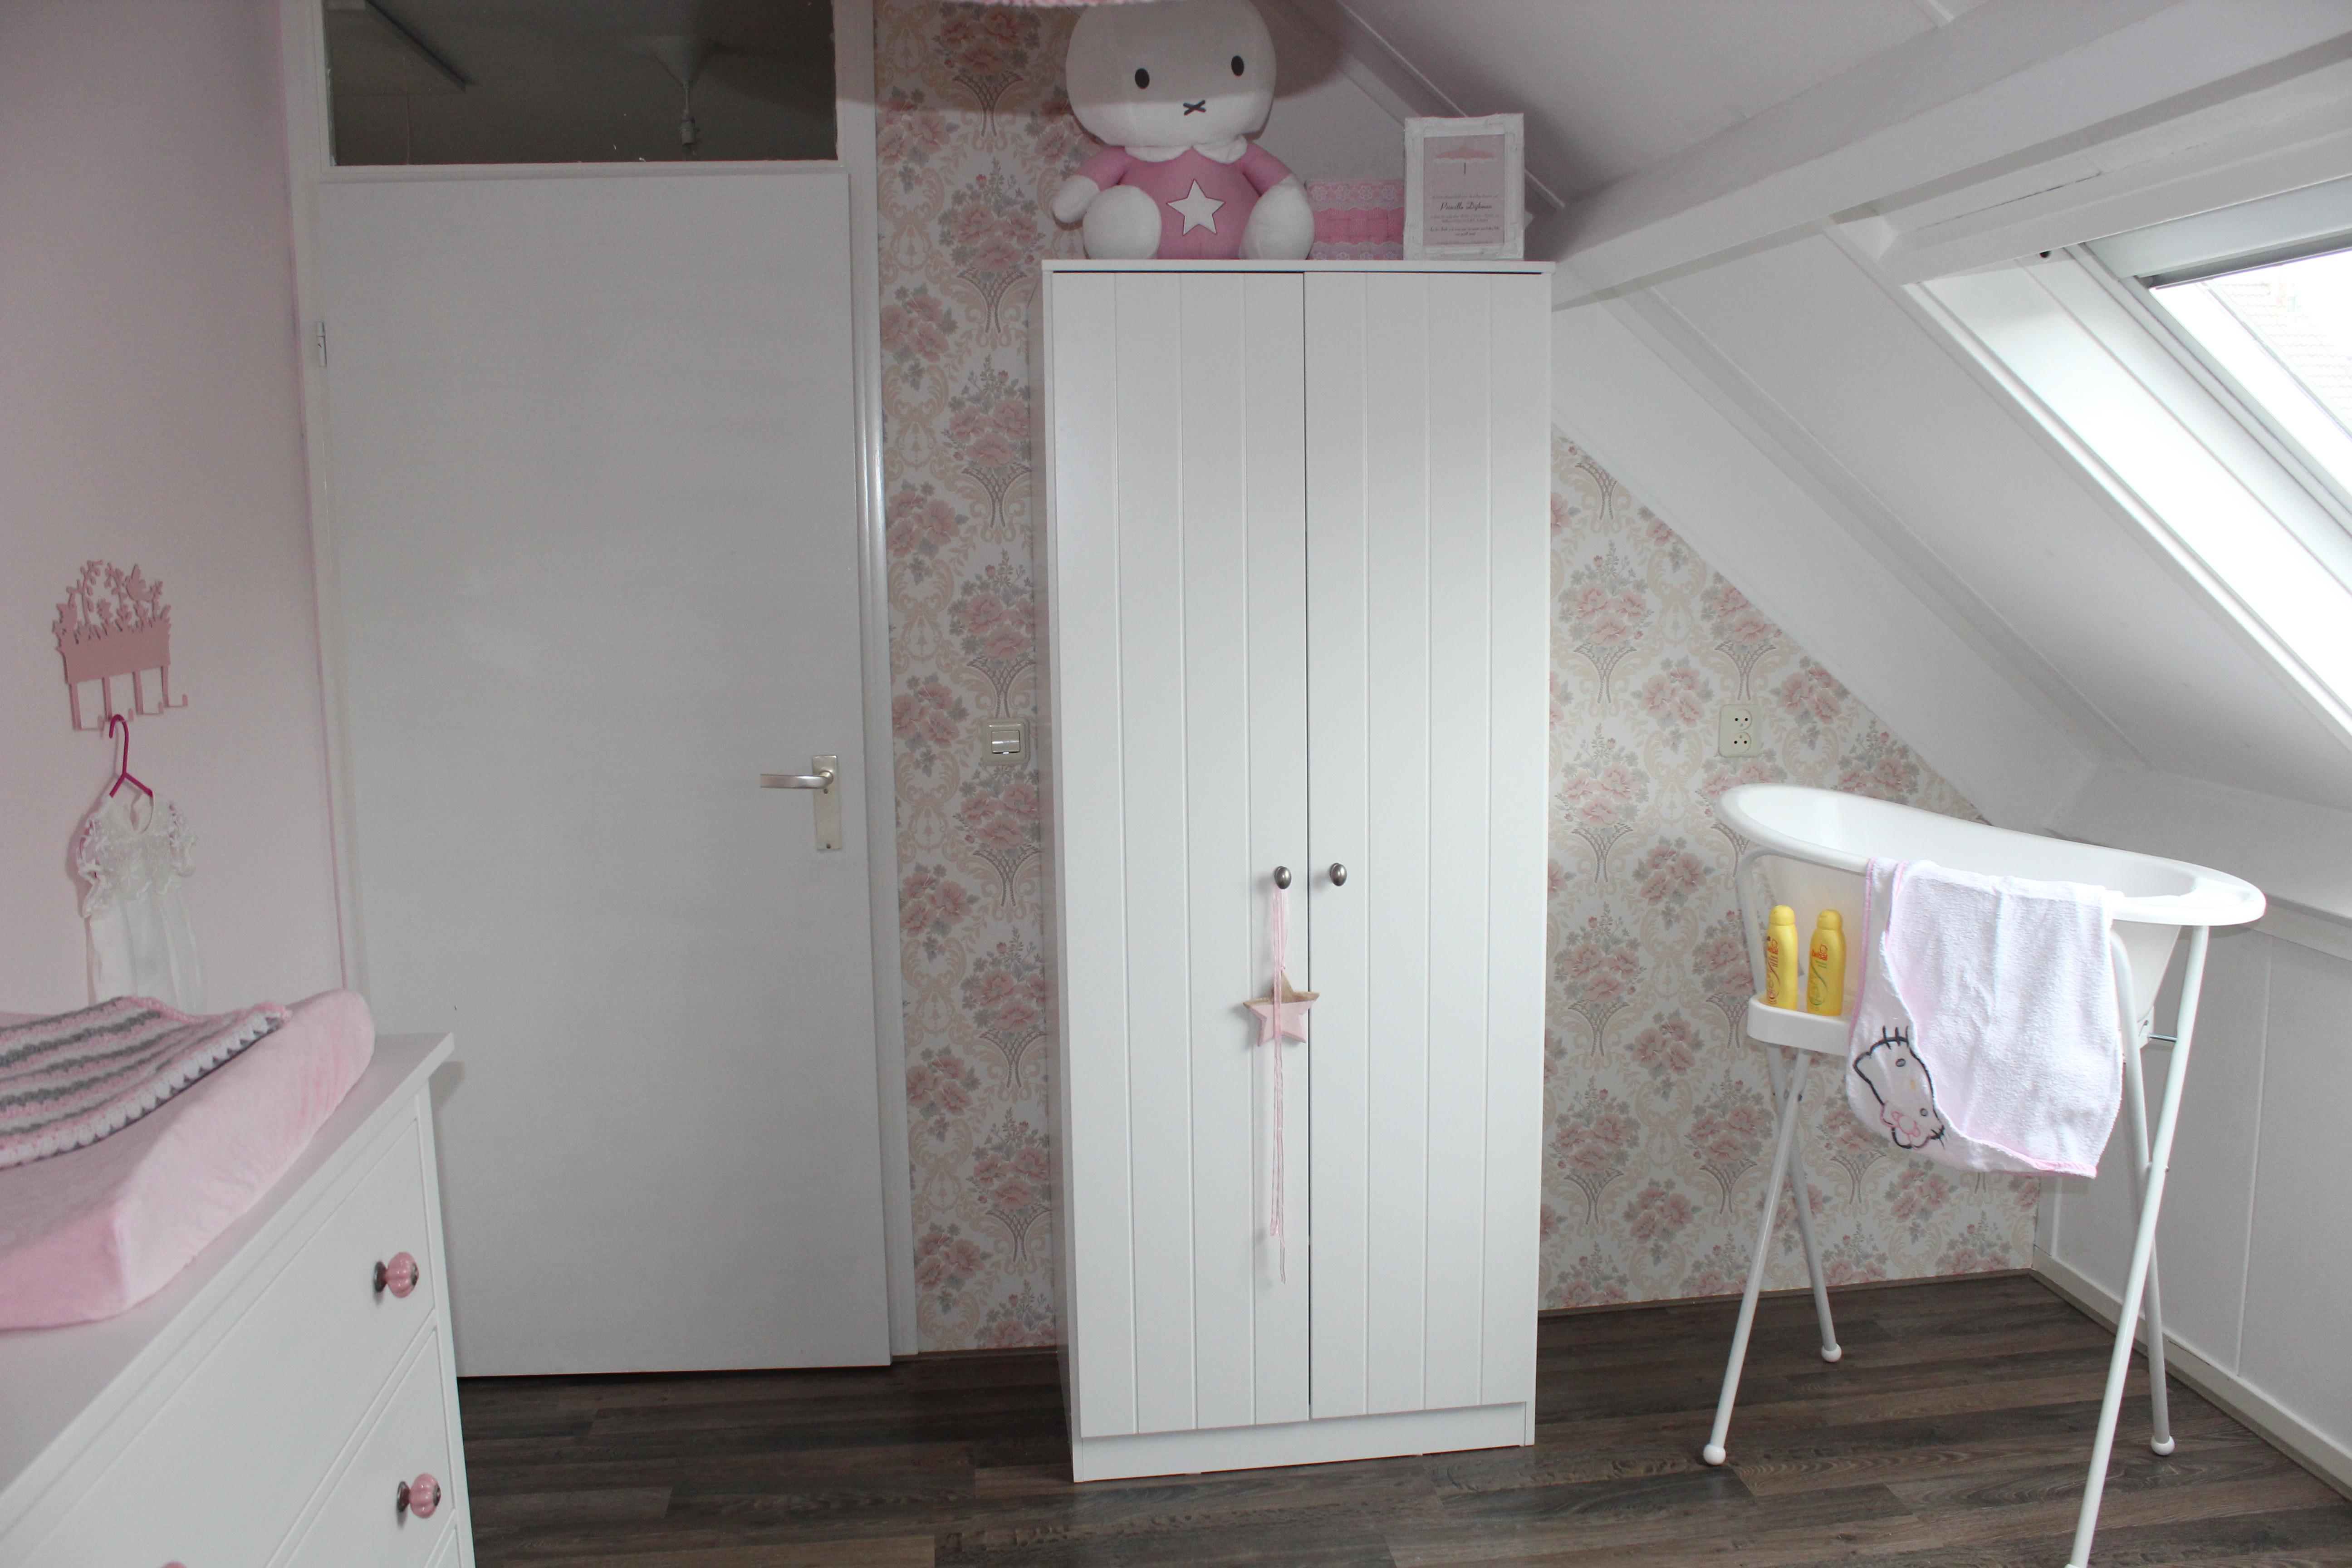 Kinderkamer ontwerp boekenkast - Kleine kledingkast ...